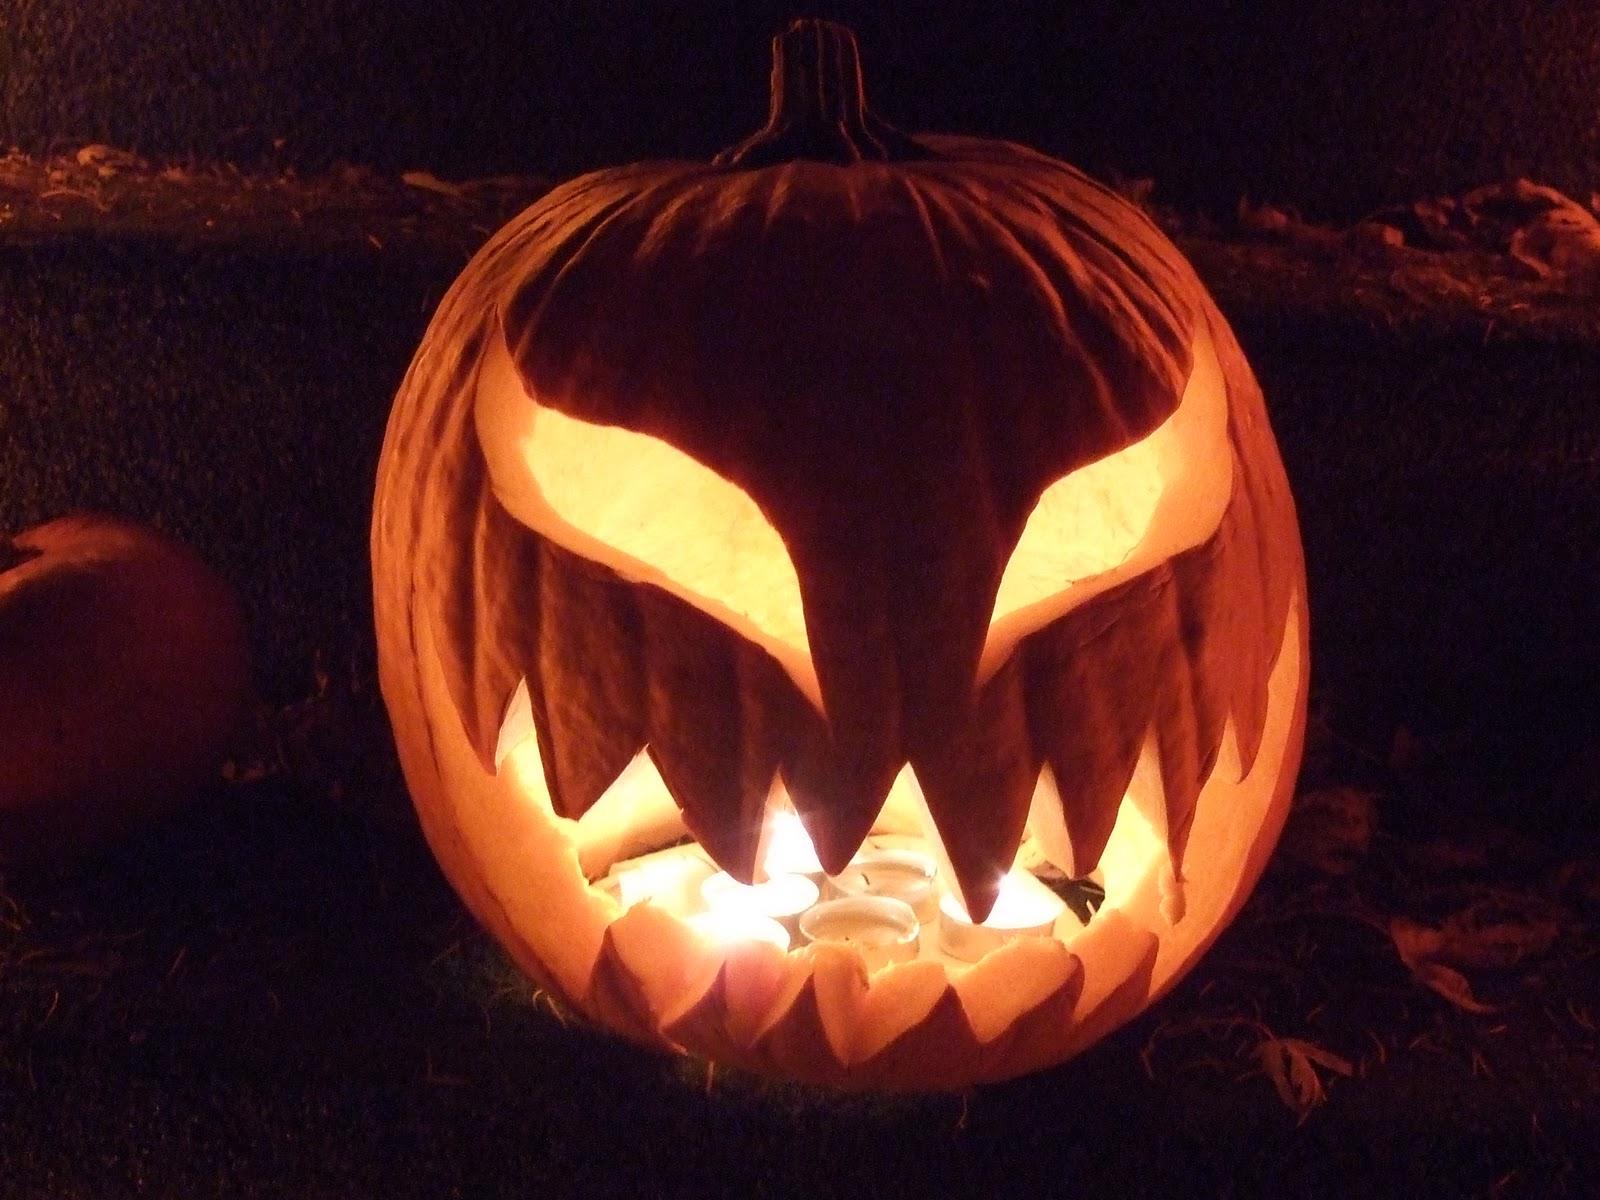 http://1.bp.blogspot.com/-kPrSrlAn5Y8/Tqci0g_FafI/AAAAAAAAARU/usCIrIvUdfg/s1600/Halloween_2010-5.jpg